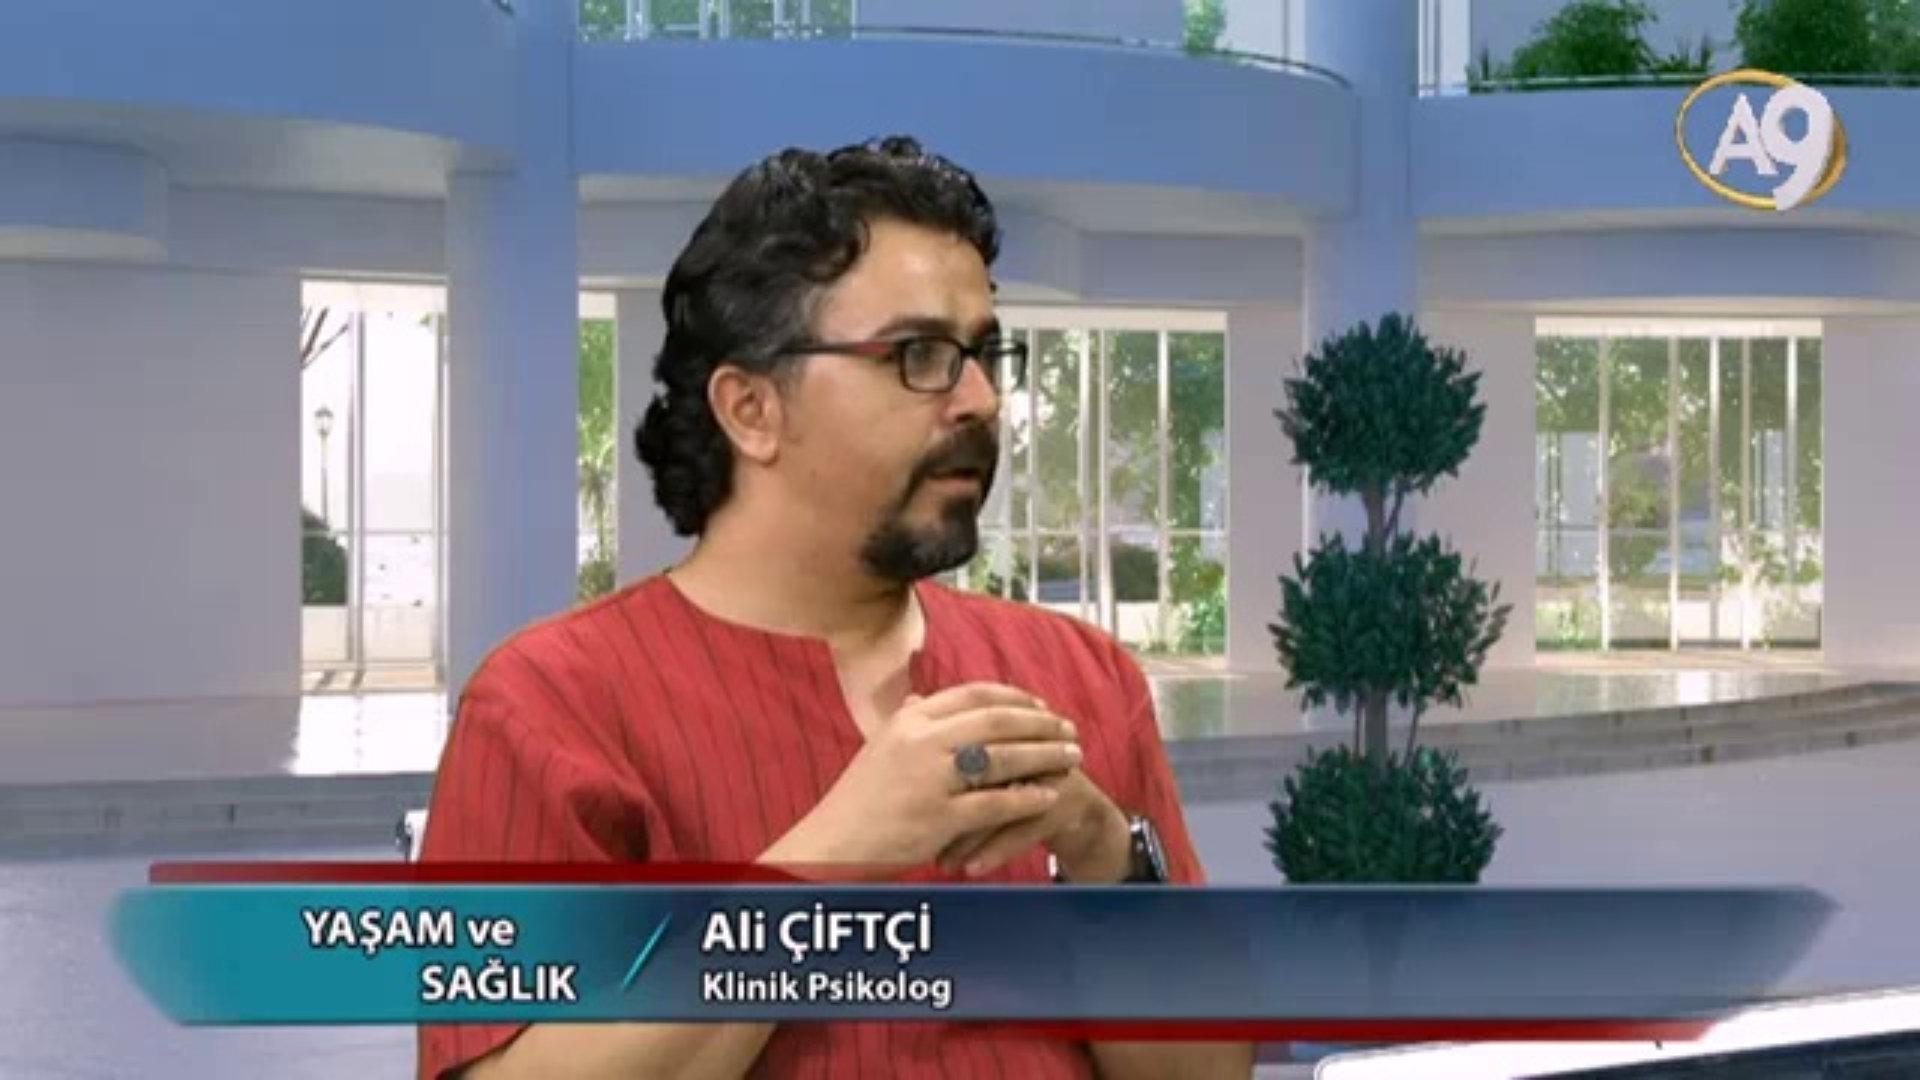 Ali Çifçi